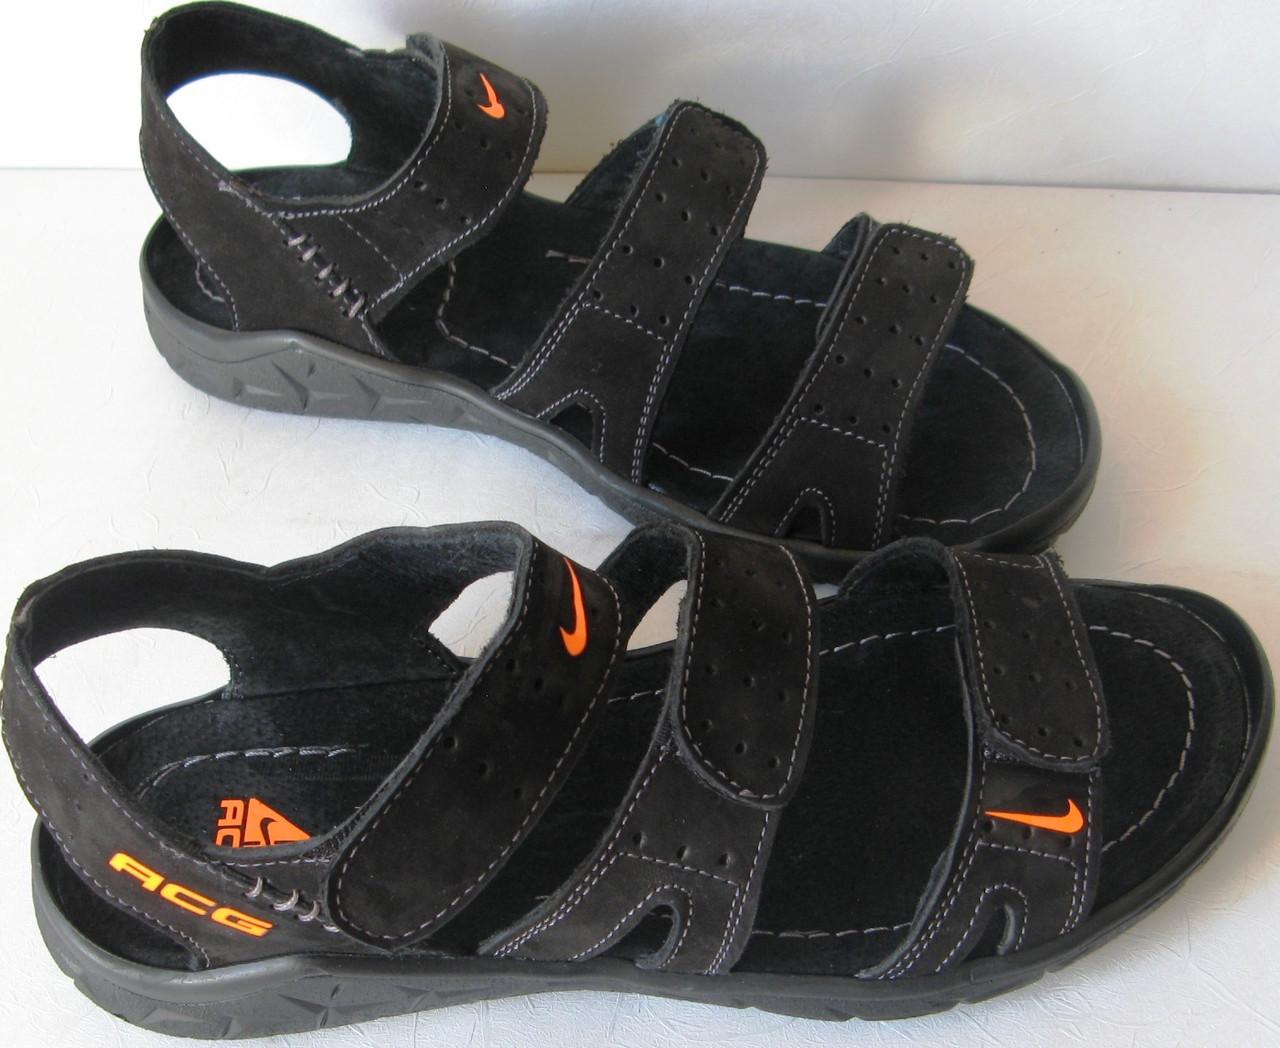 Nike репліка шкіряні чоловічі сандалі c трьома смужками сандалі босоніжки  взуття літо найк ca07974ebe324